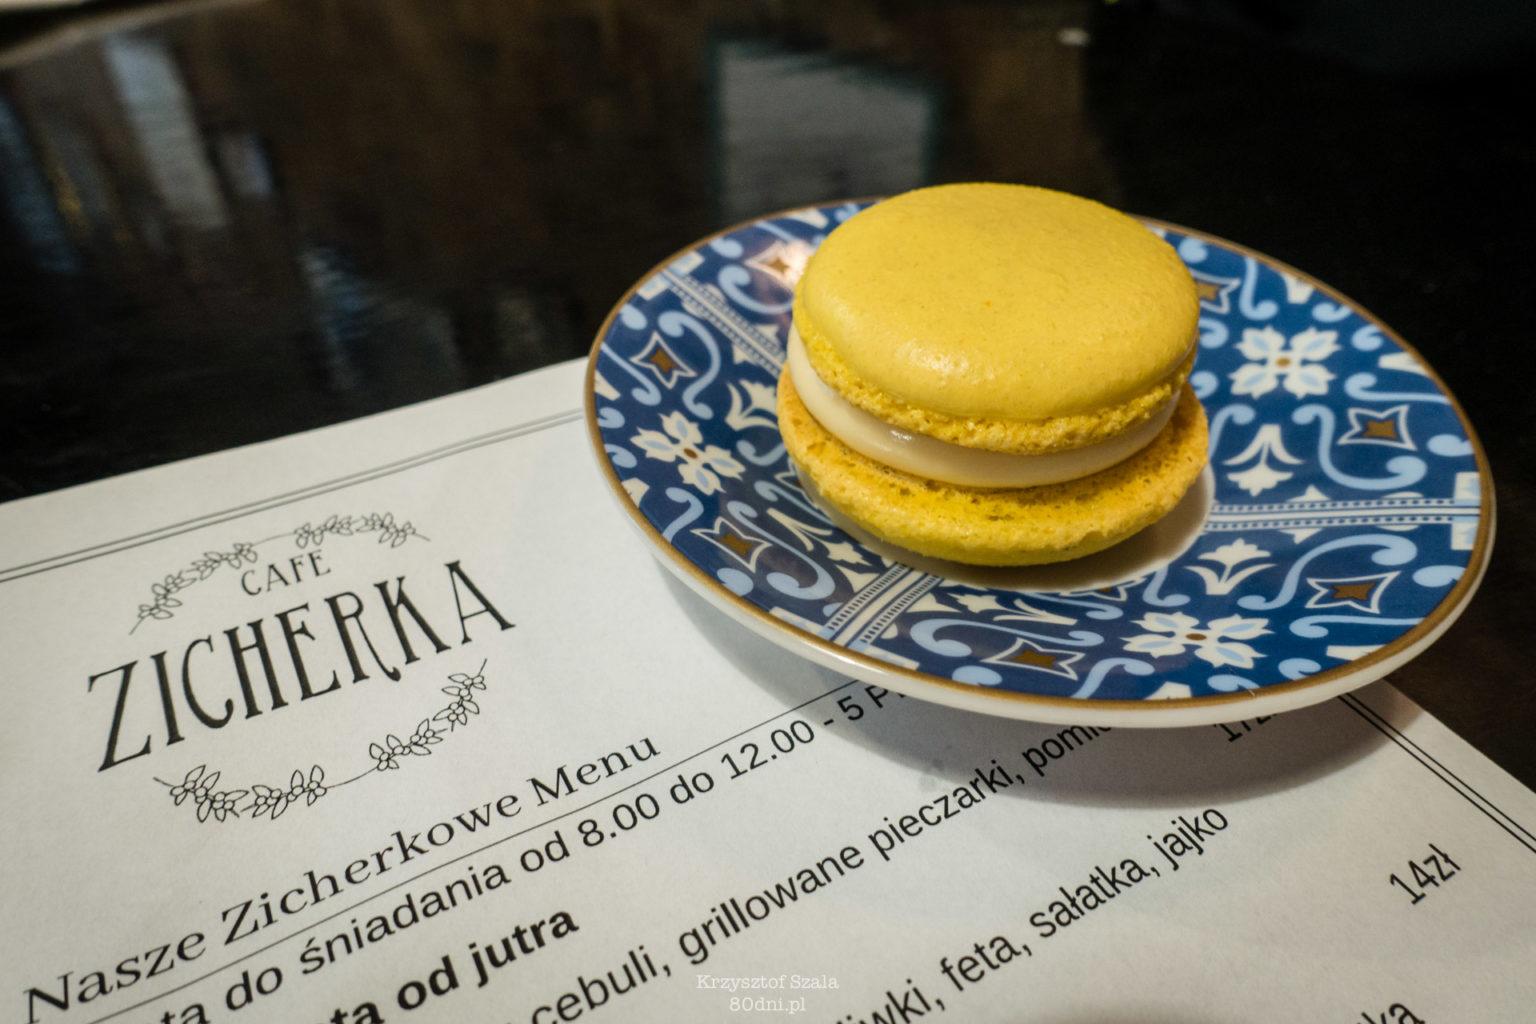 Zdjęcie makaronika cytrynowego na małym talerzyku oraz fragment menu.